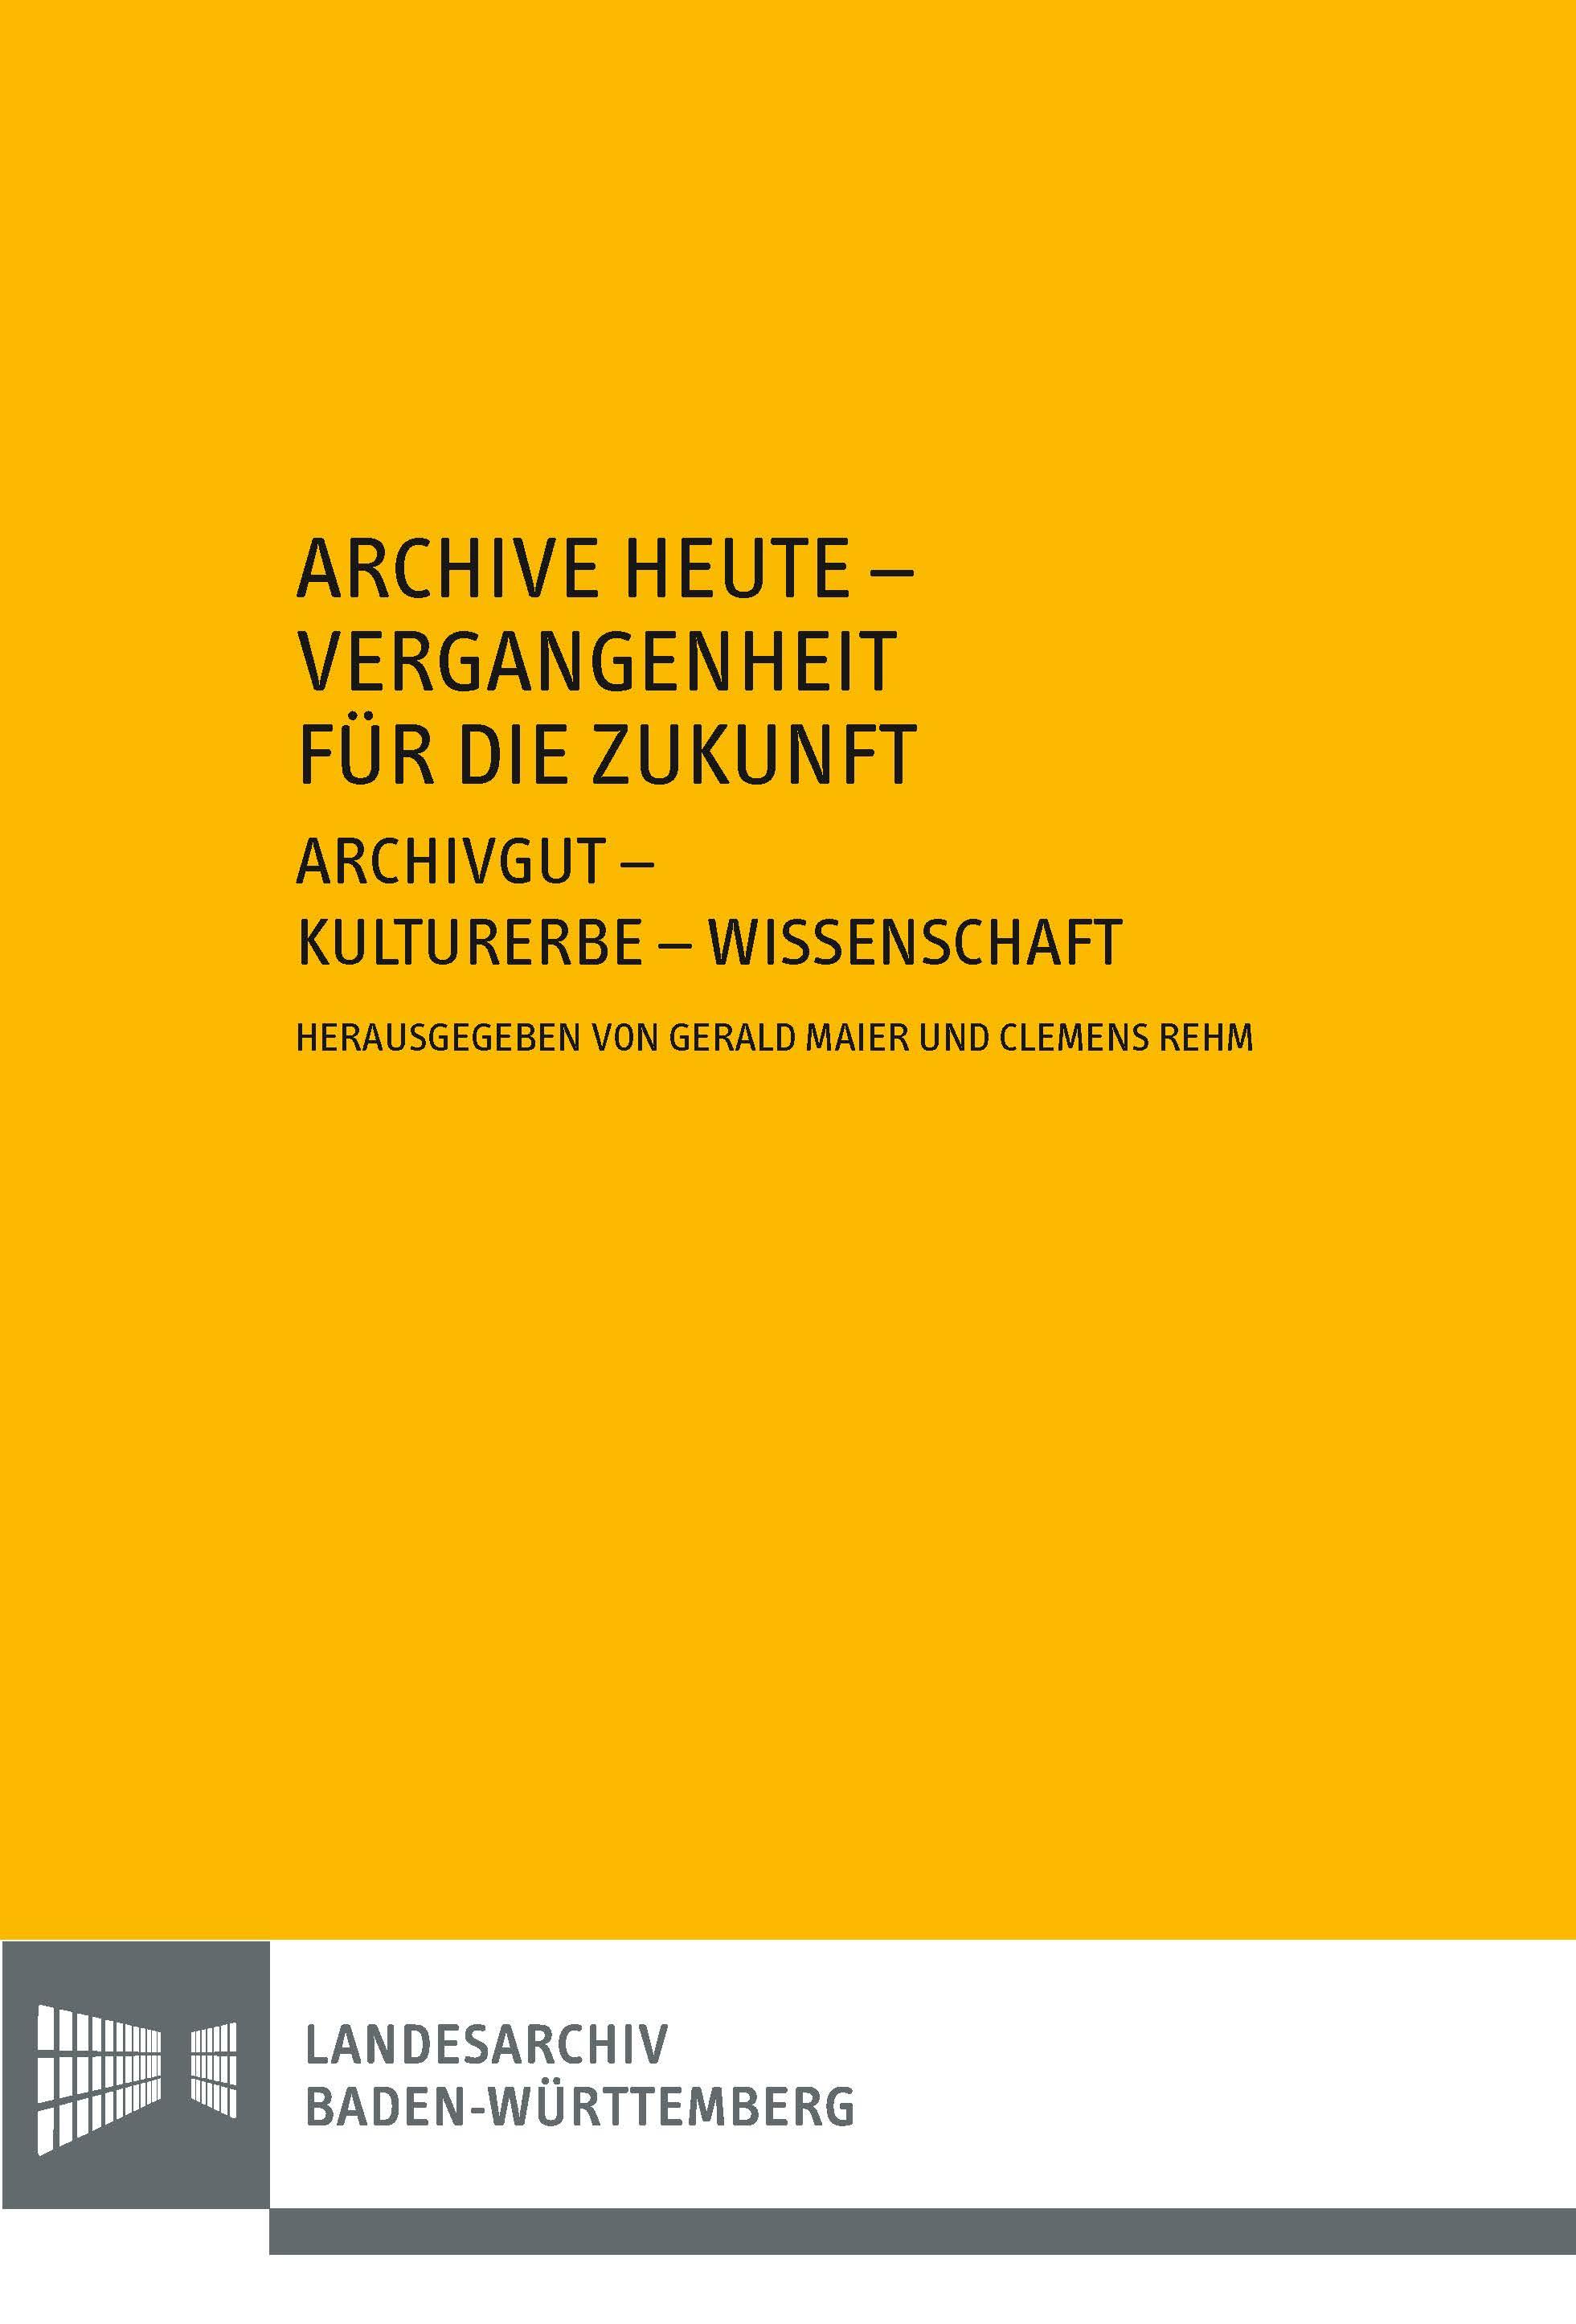 Archive heute - Vergangenheit für die Zukunft